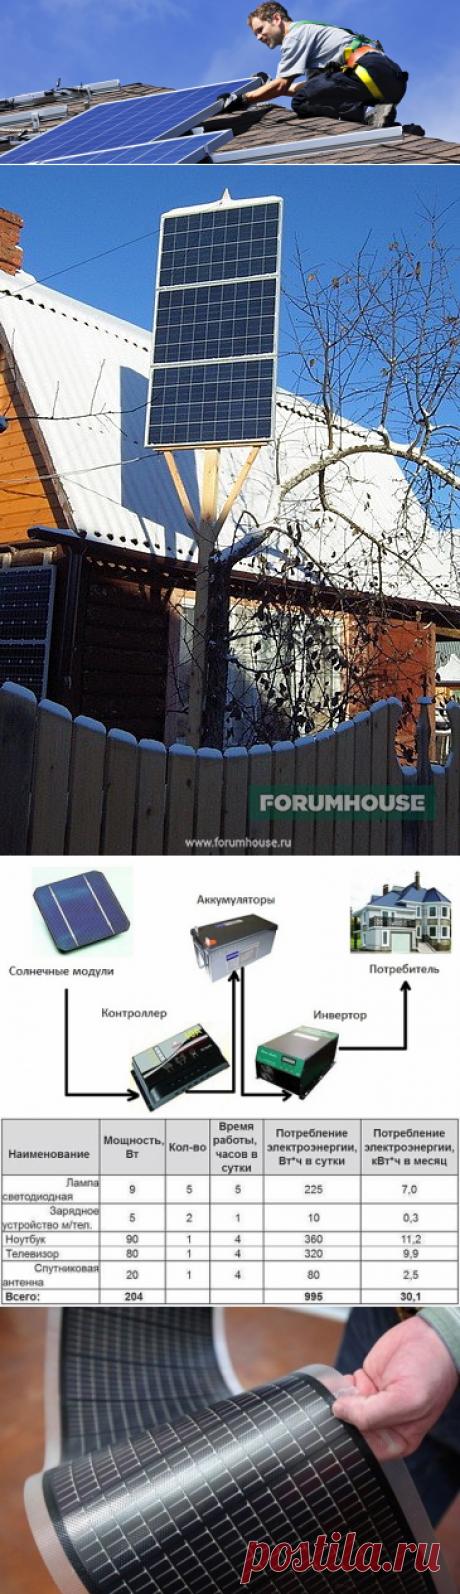 Солнечные батареи своими руками. Расчет и выбор солнечных батарей. - Дом и стройка - Статьи - FORUMHOUSE